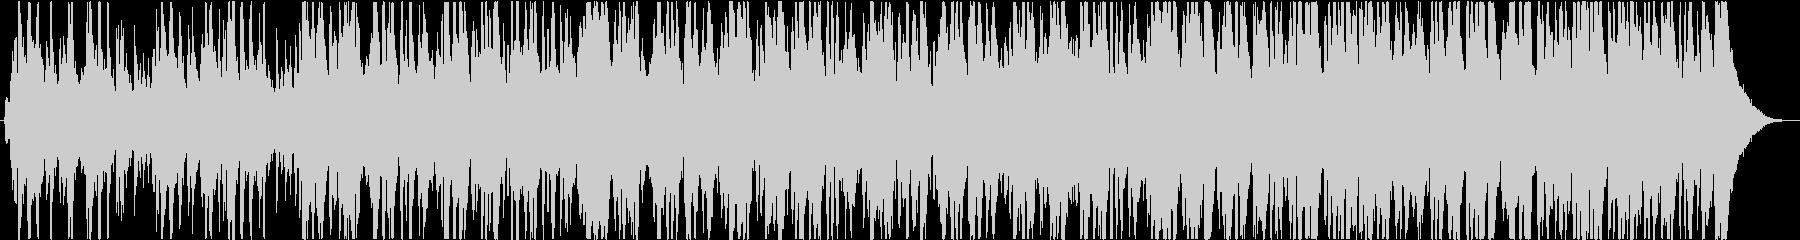 魔法のクリスマス音楽の未再生の波形